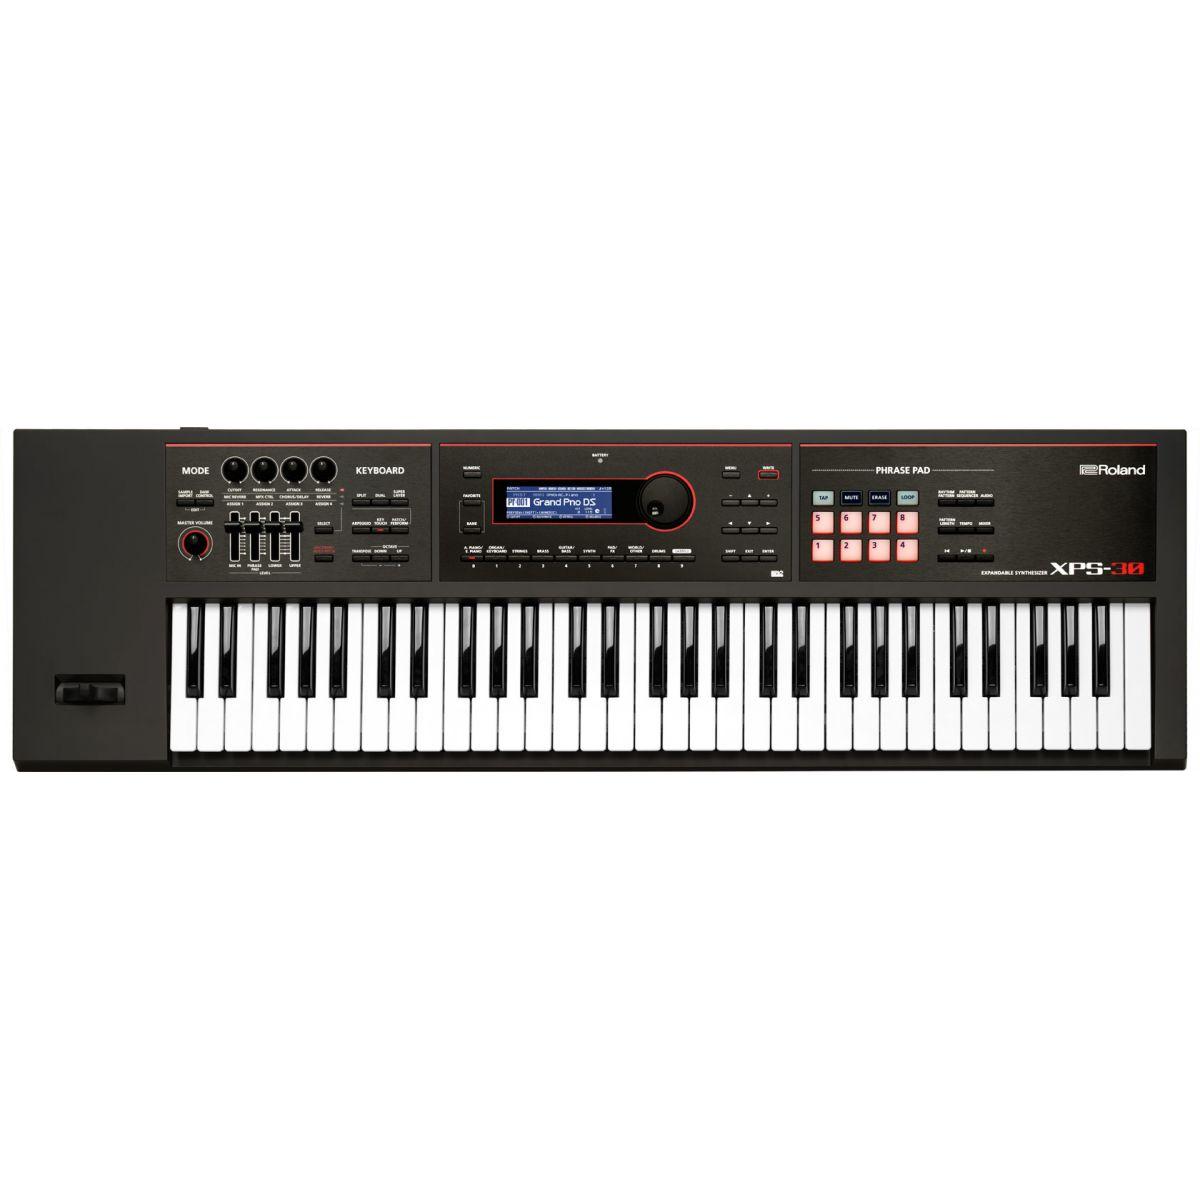 Teclado Sintetizador Roland Xps 30 61 Teclas